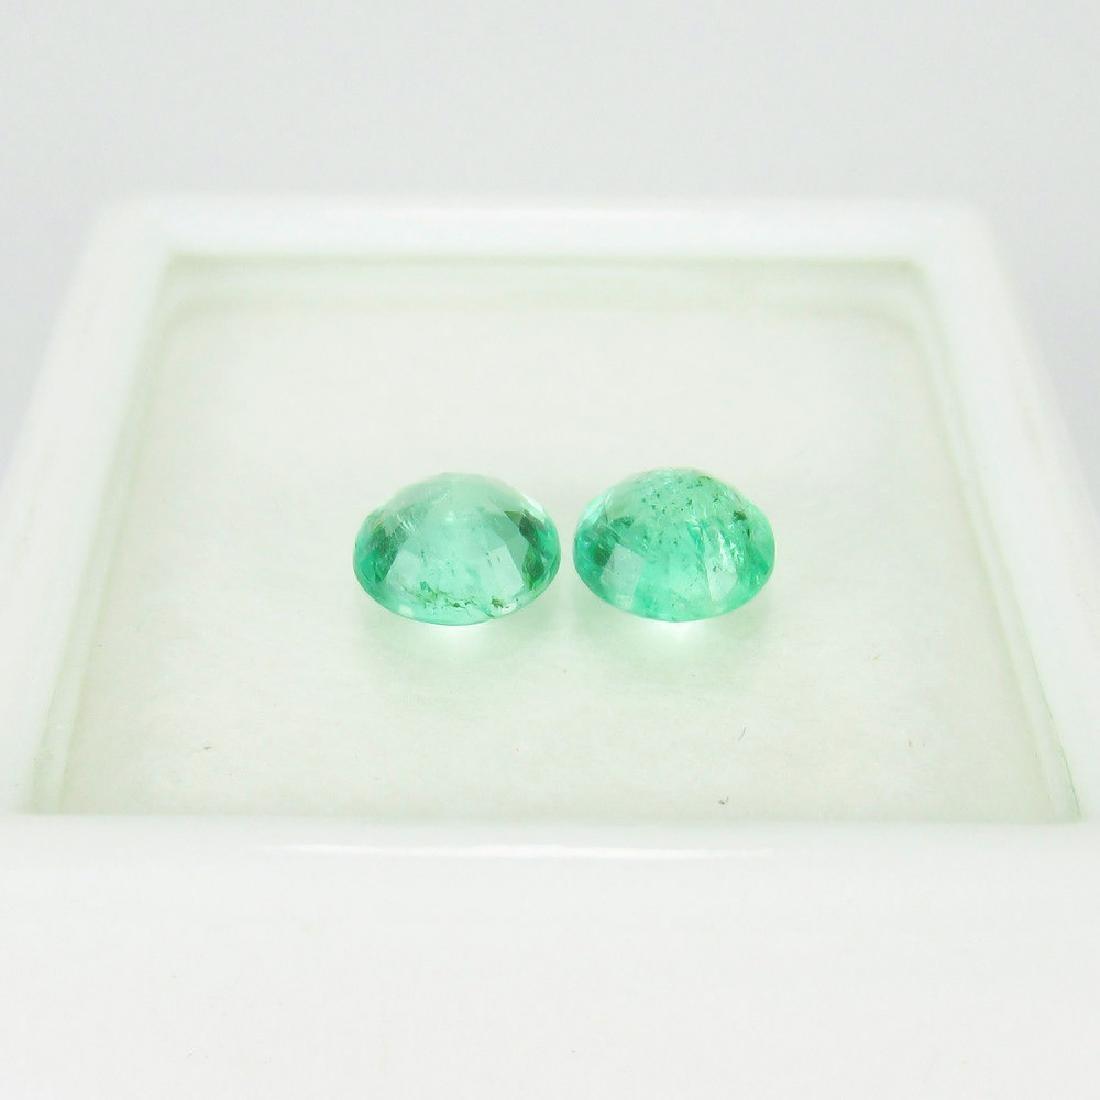 0.93 Ct Genuine Loose Zambian Emerald Round Pair - 2